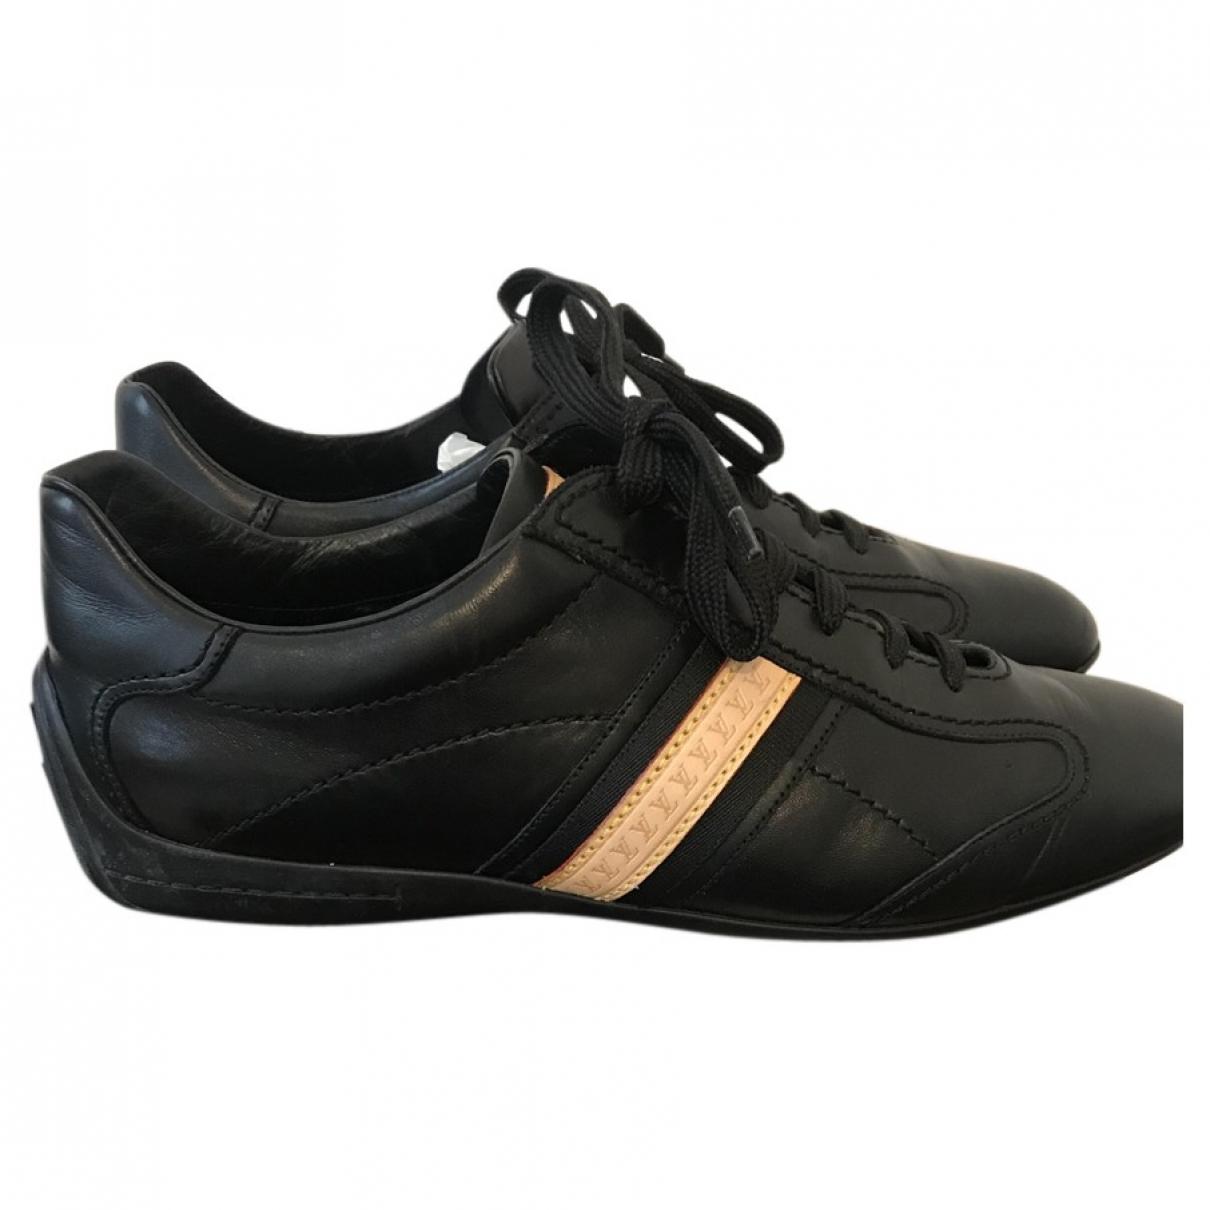 Louis Vuitton \N Black Leather Lace ups for Men 40.5 EU